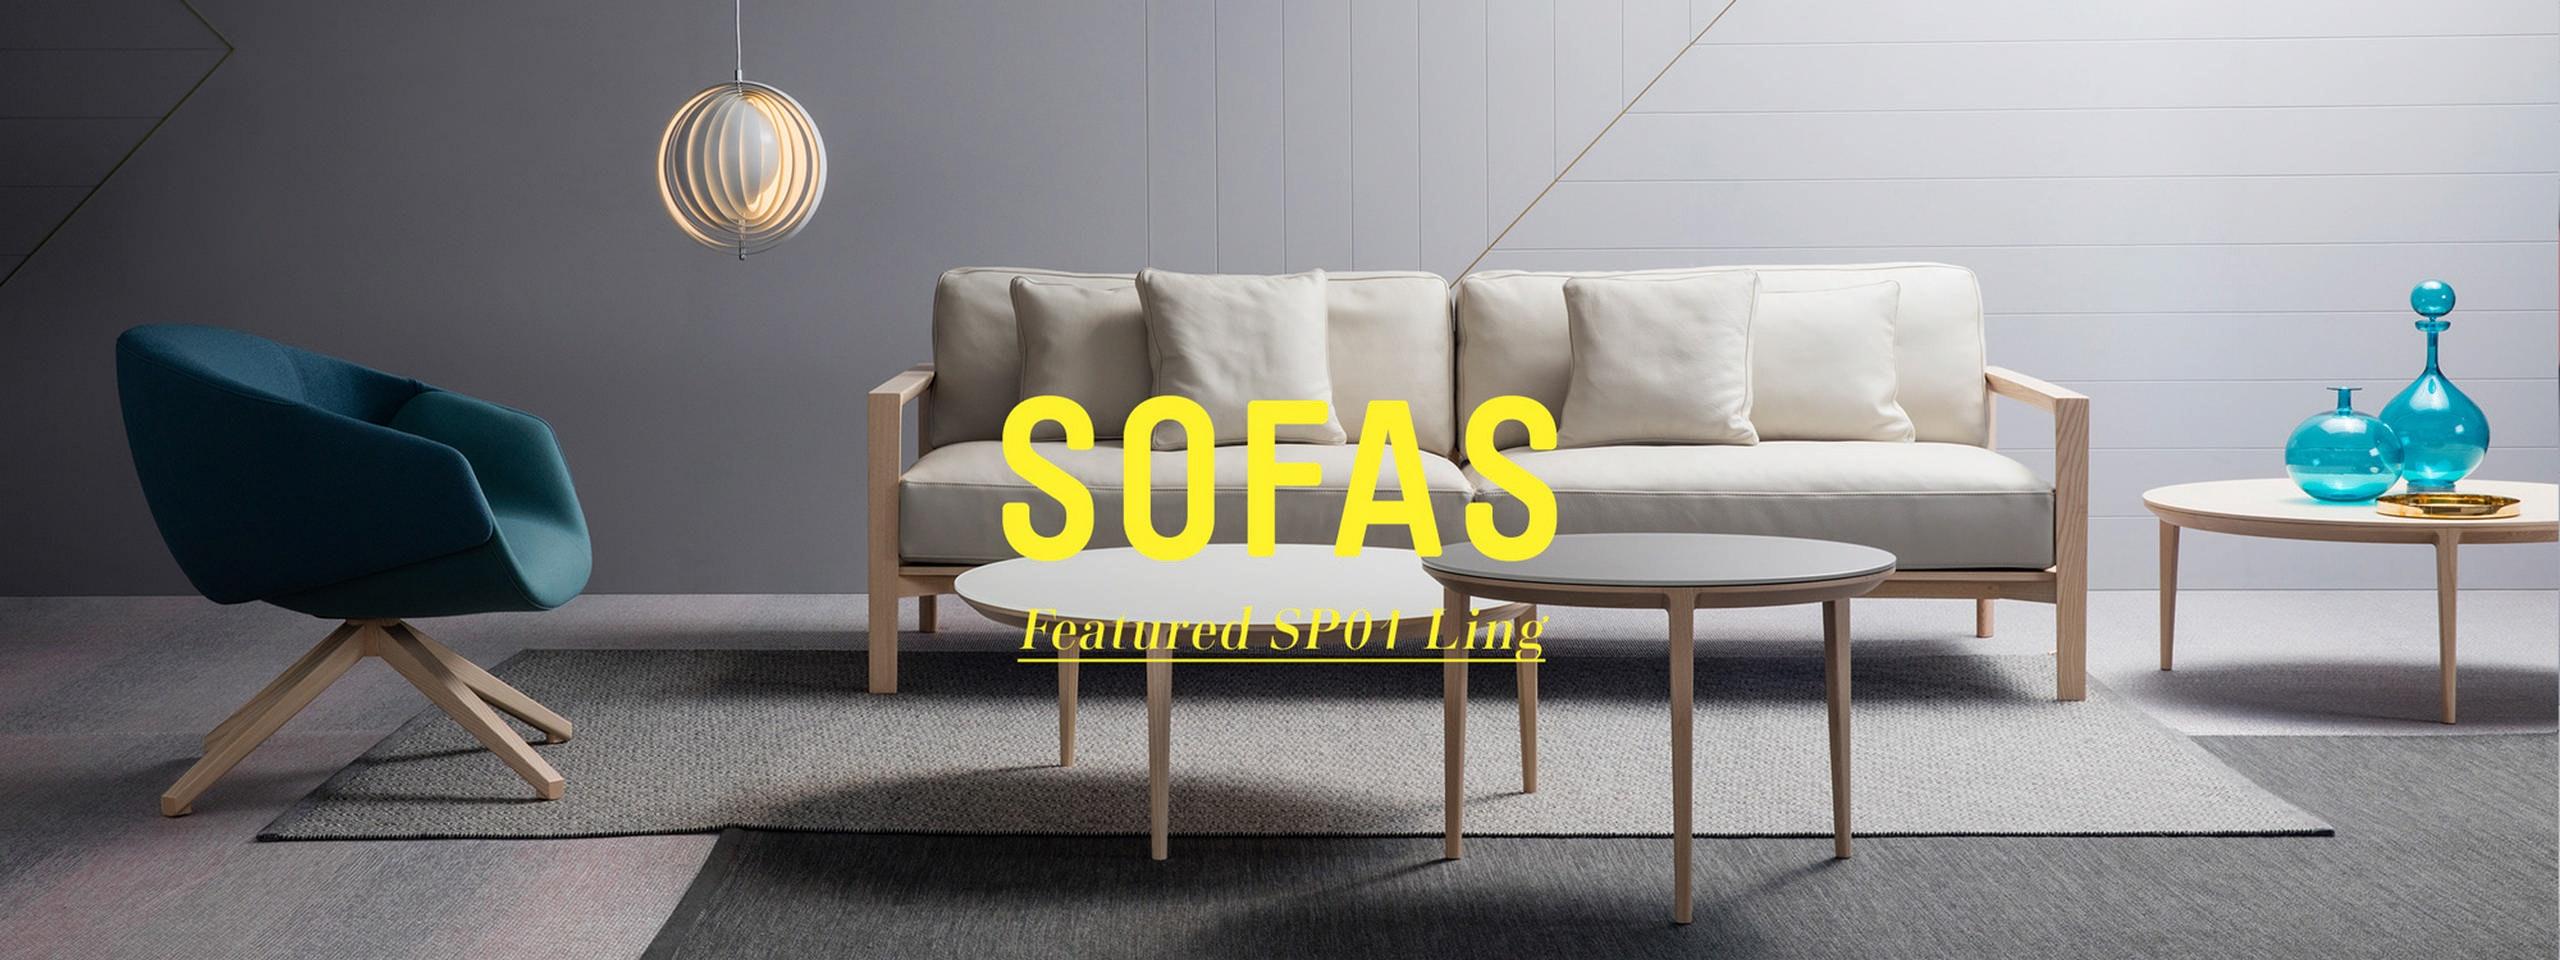 Space Furniture